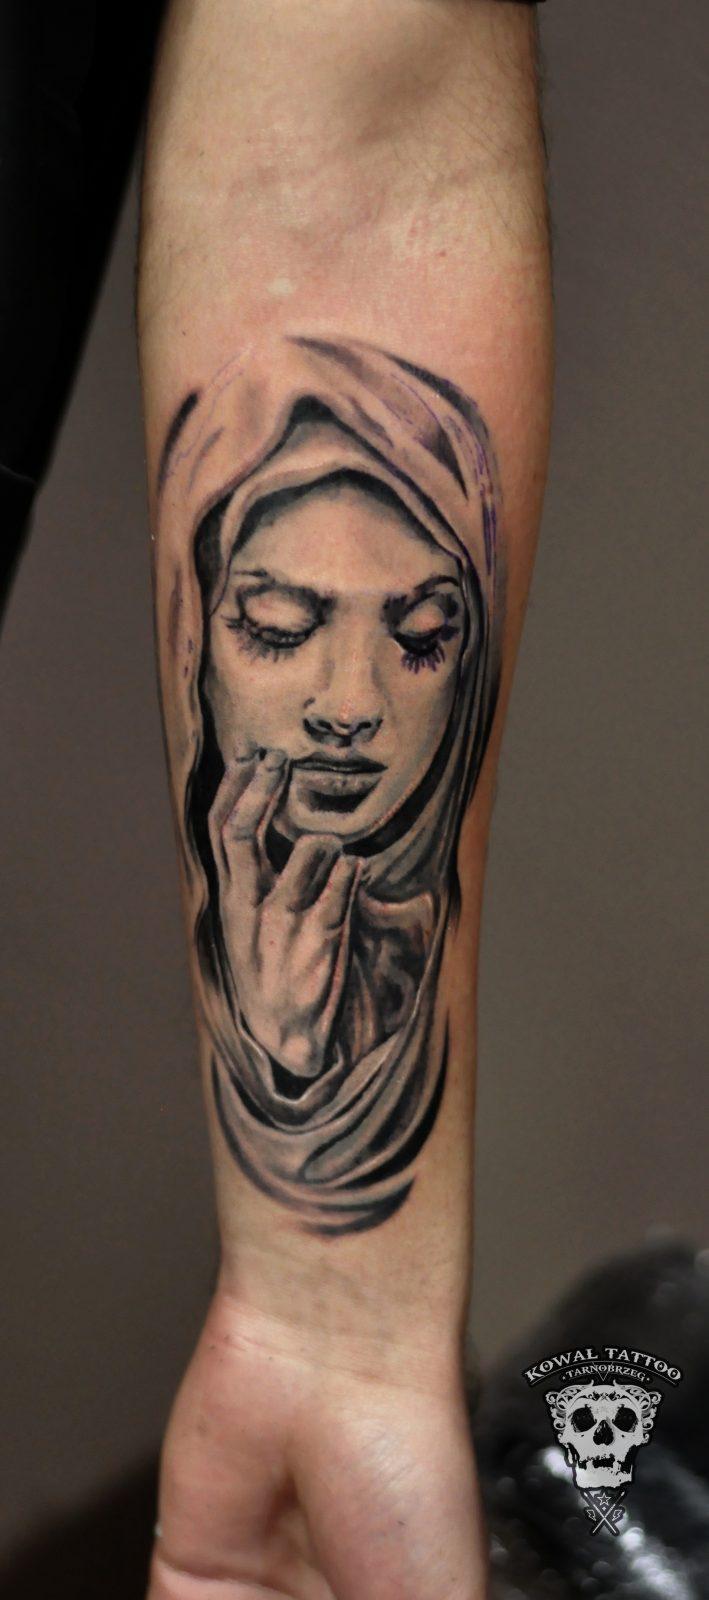 tatuaz_tarnobrzeg_27